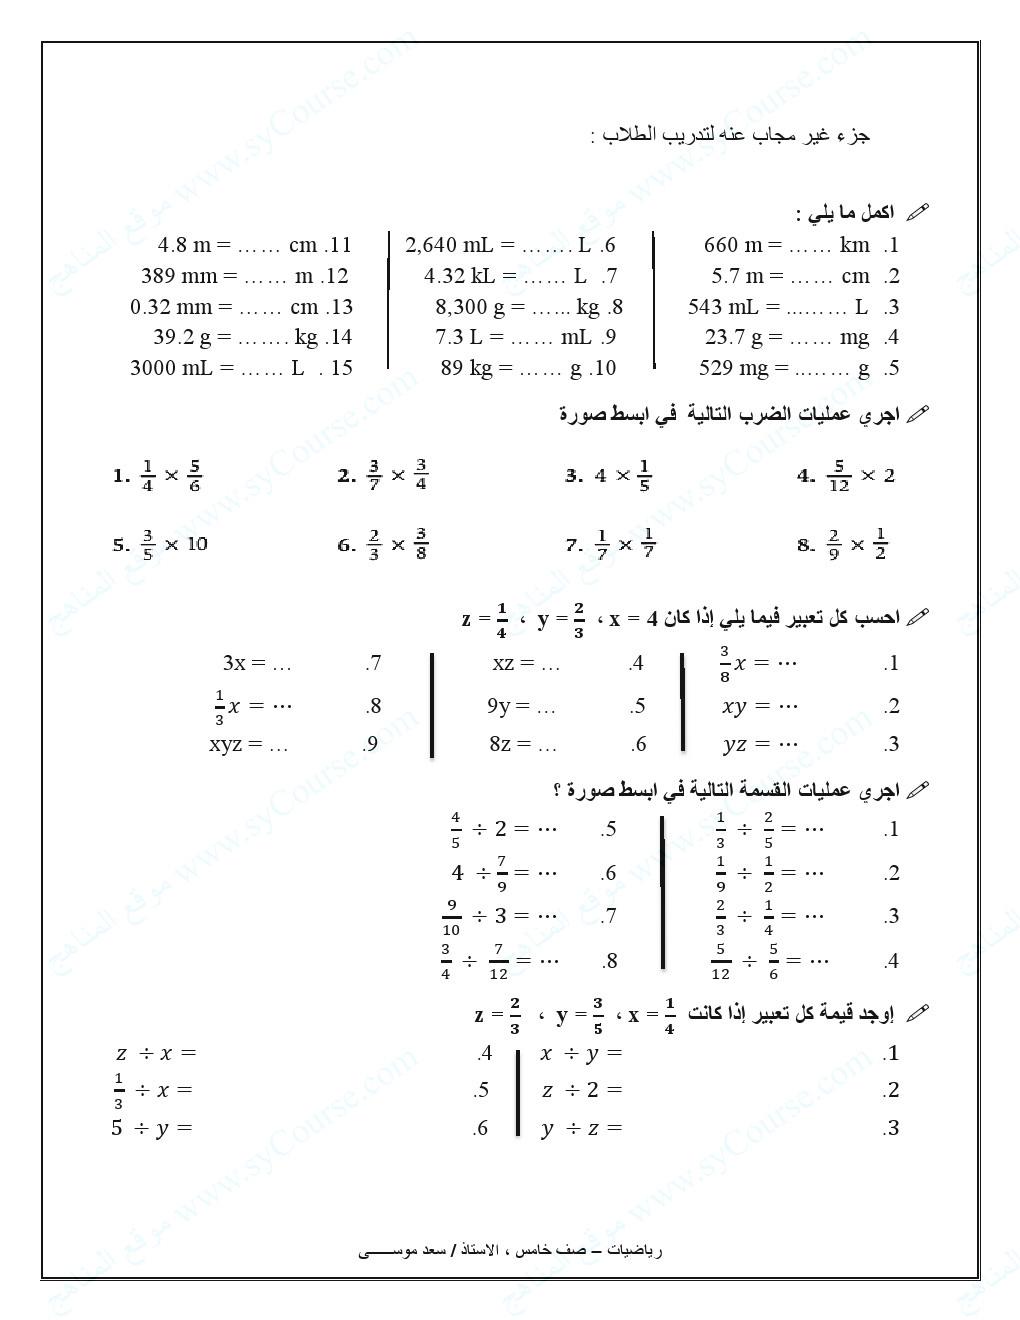 منهاج رياضيات للصف السادس في الأردن